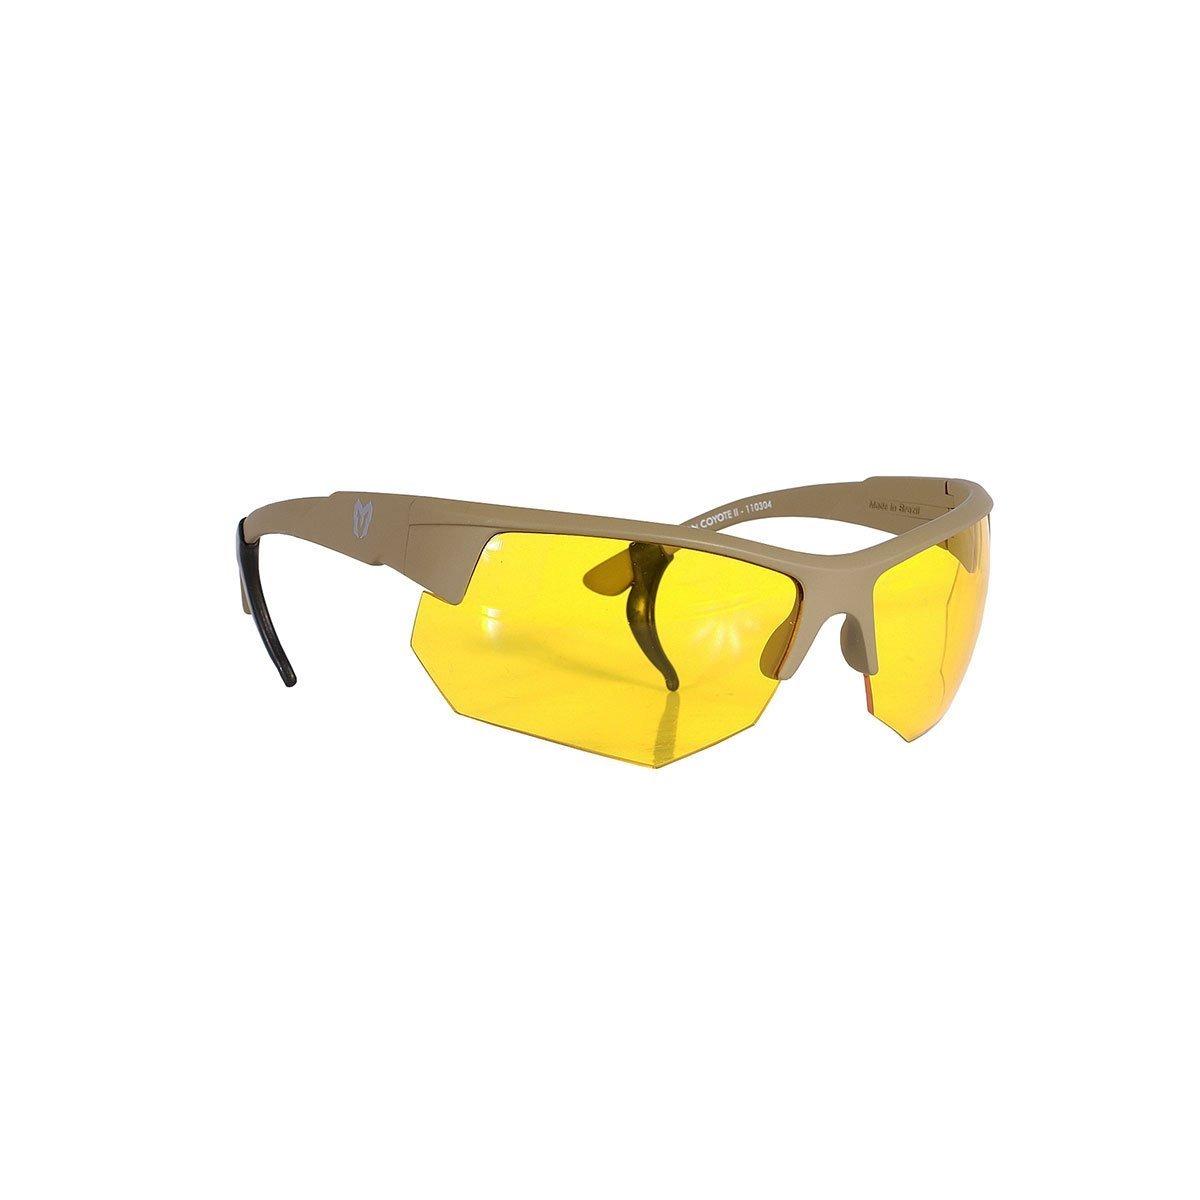 acdf12528f óculos marcos do val spartan lente amarela tan (coyote). Carregando zoom.